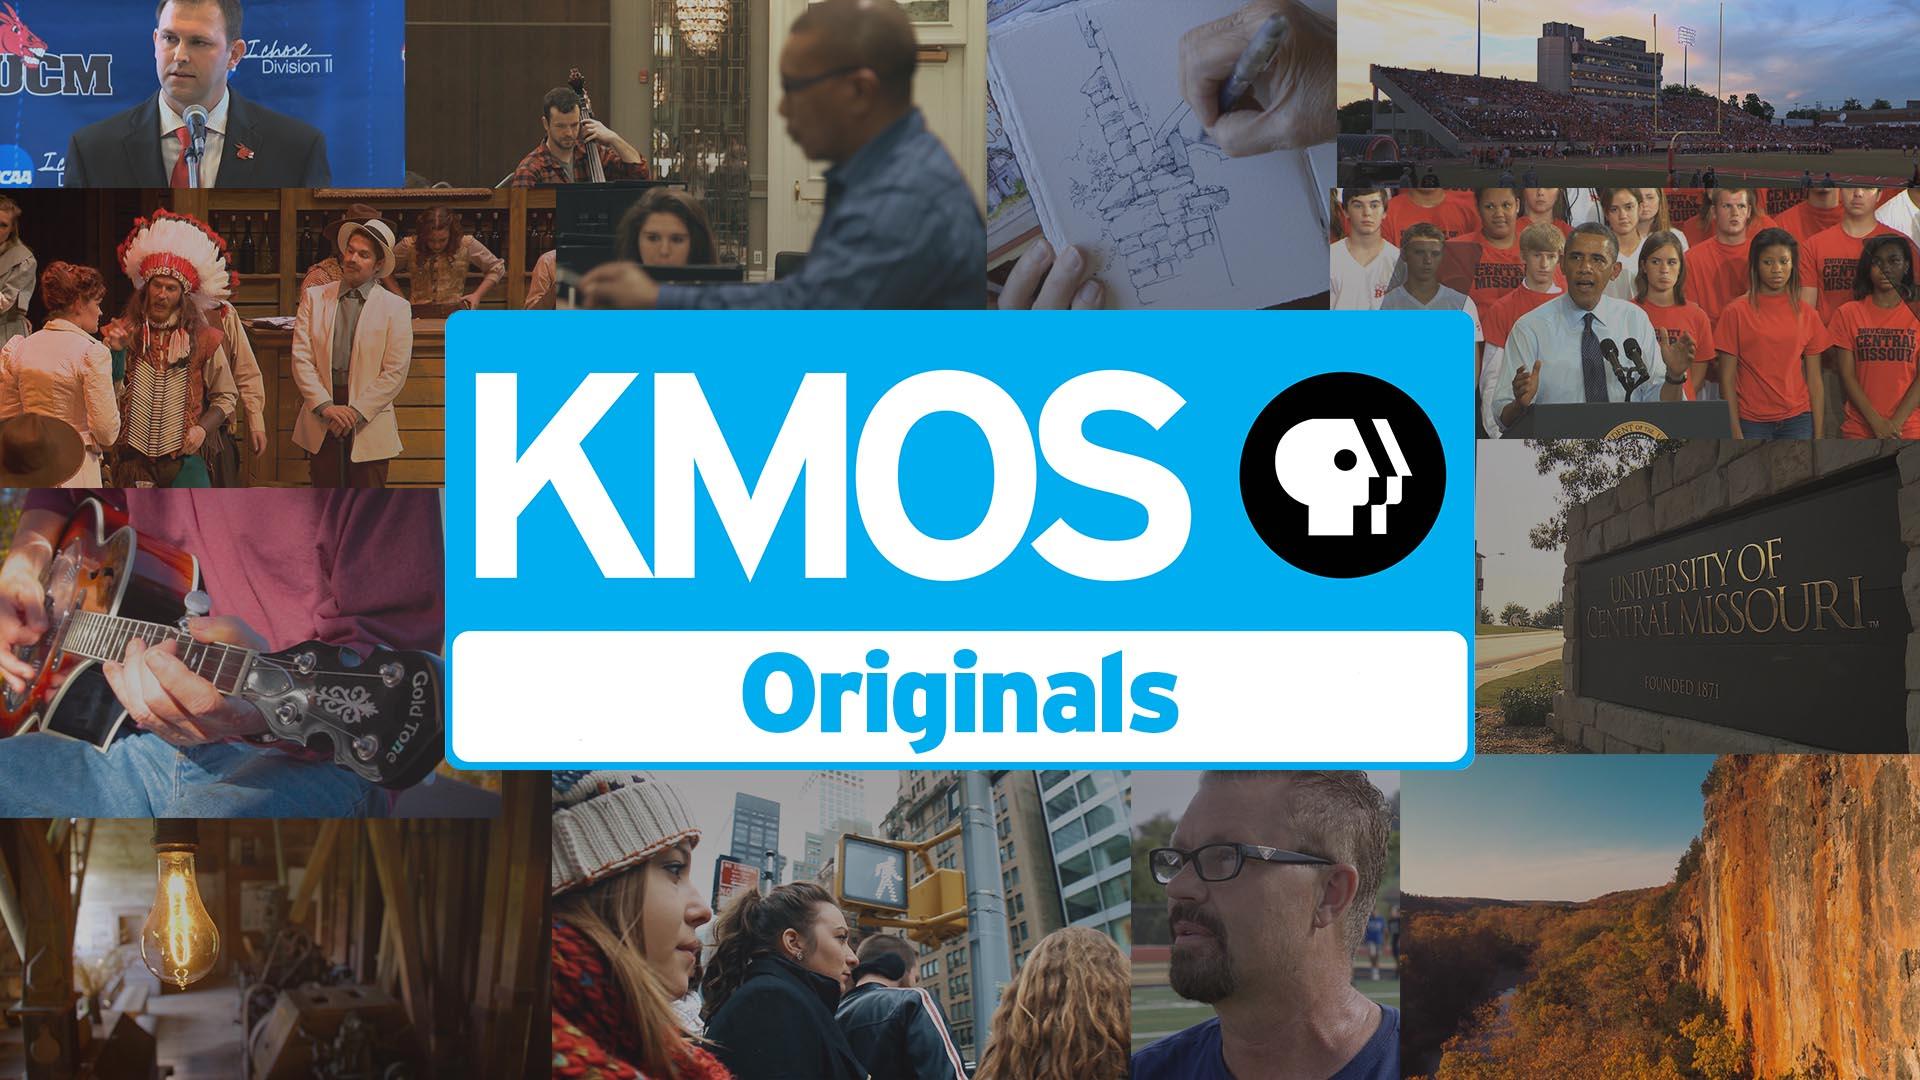 KMOS-TV Originals